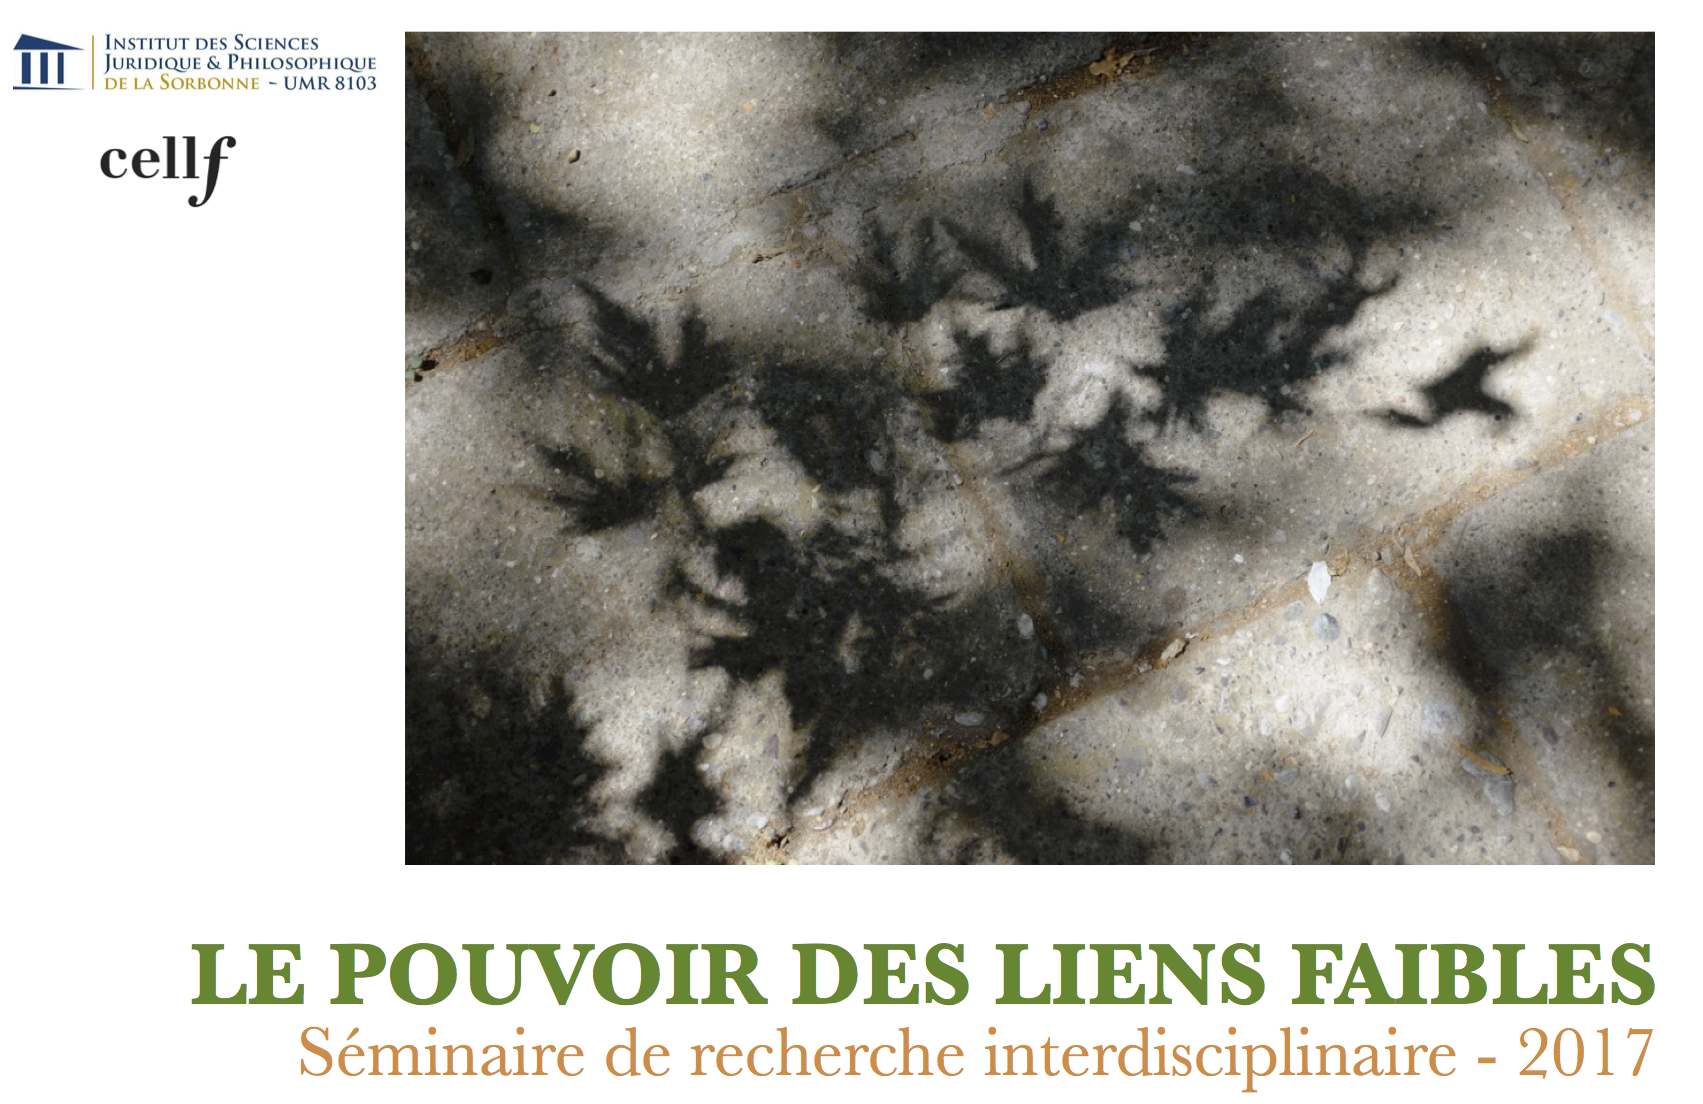 « Du lien faible au lien des faibles: affects rebelles », François Cusset (Le Pouvoir des Liens Faibles. Séminaire de recherche interdisciplinaire)